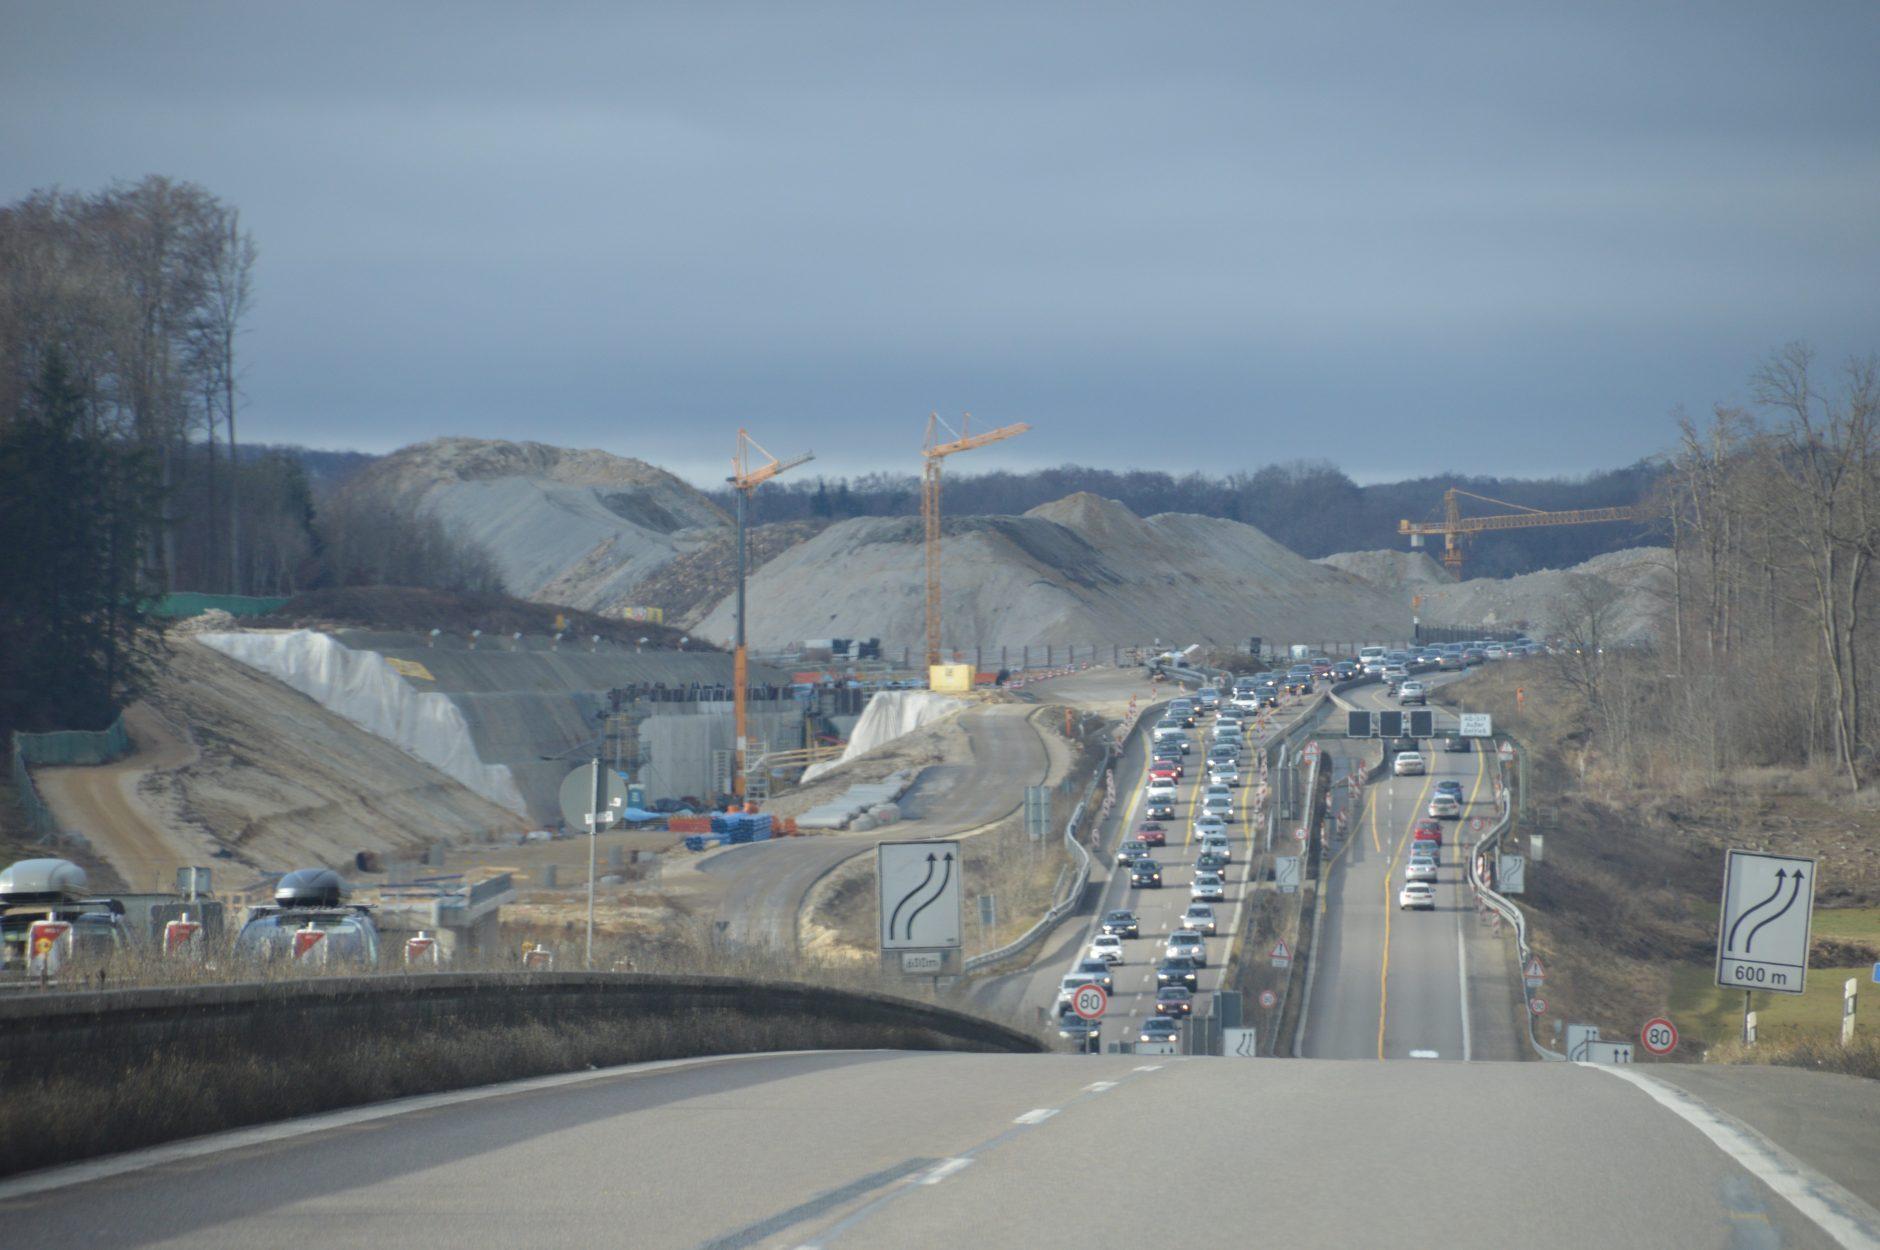 Abraumhalden - Größenvergleich zur Autobahn!